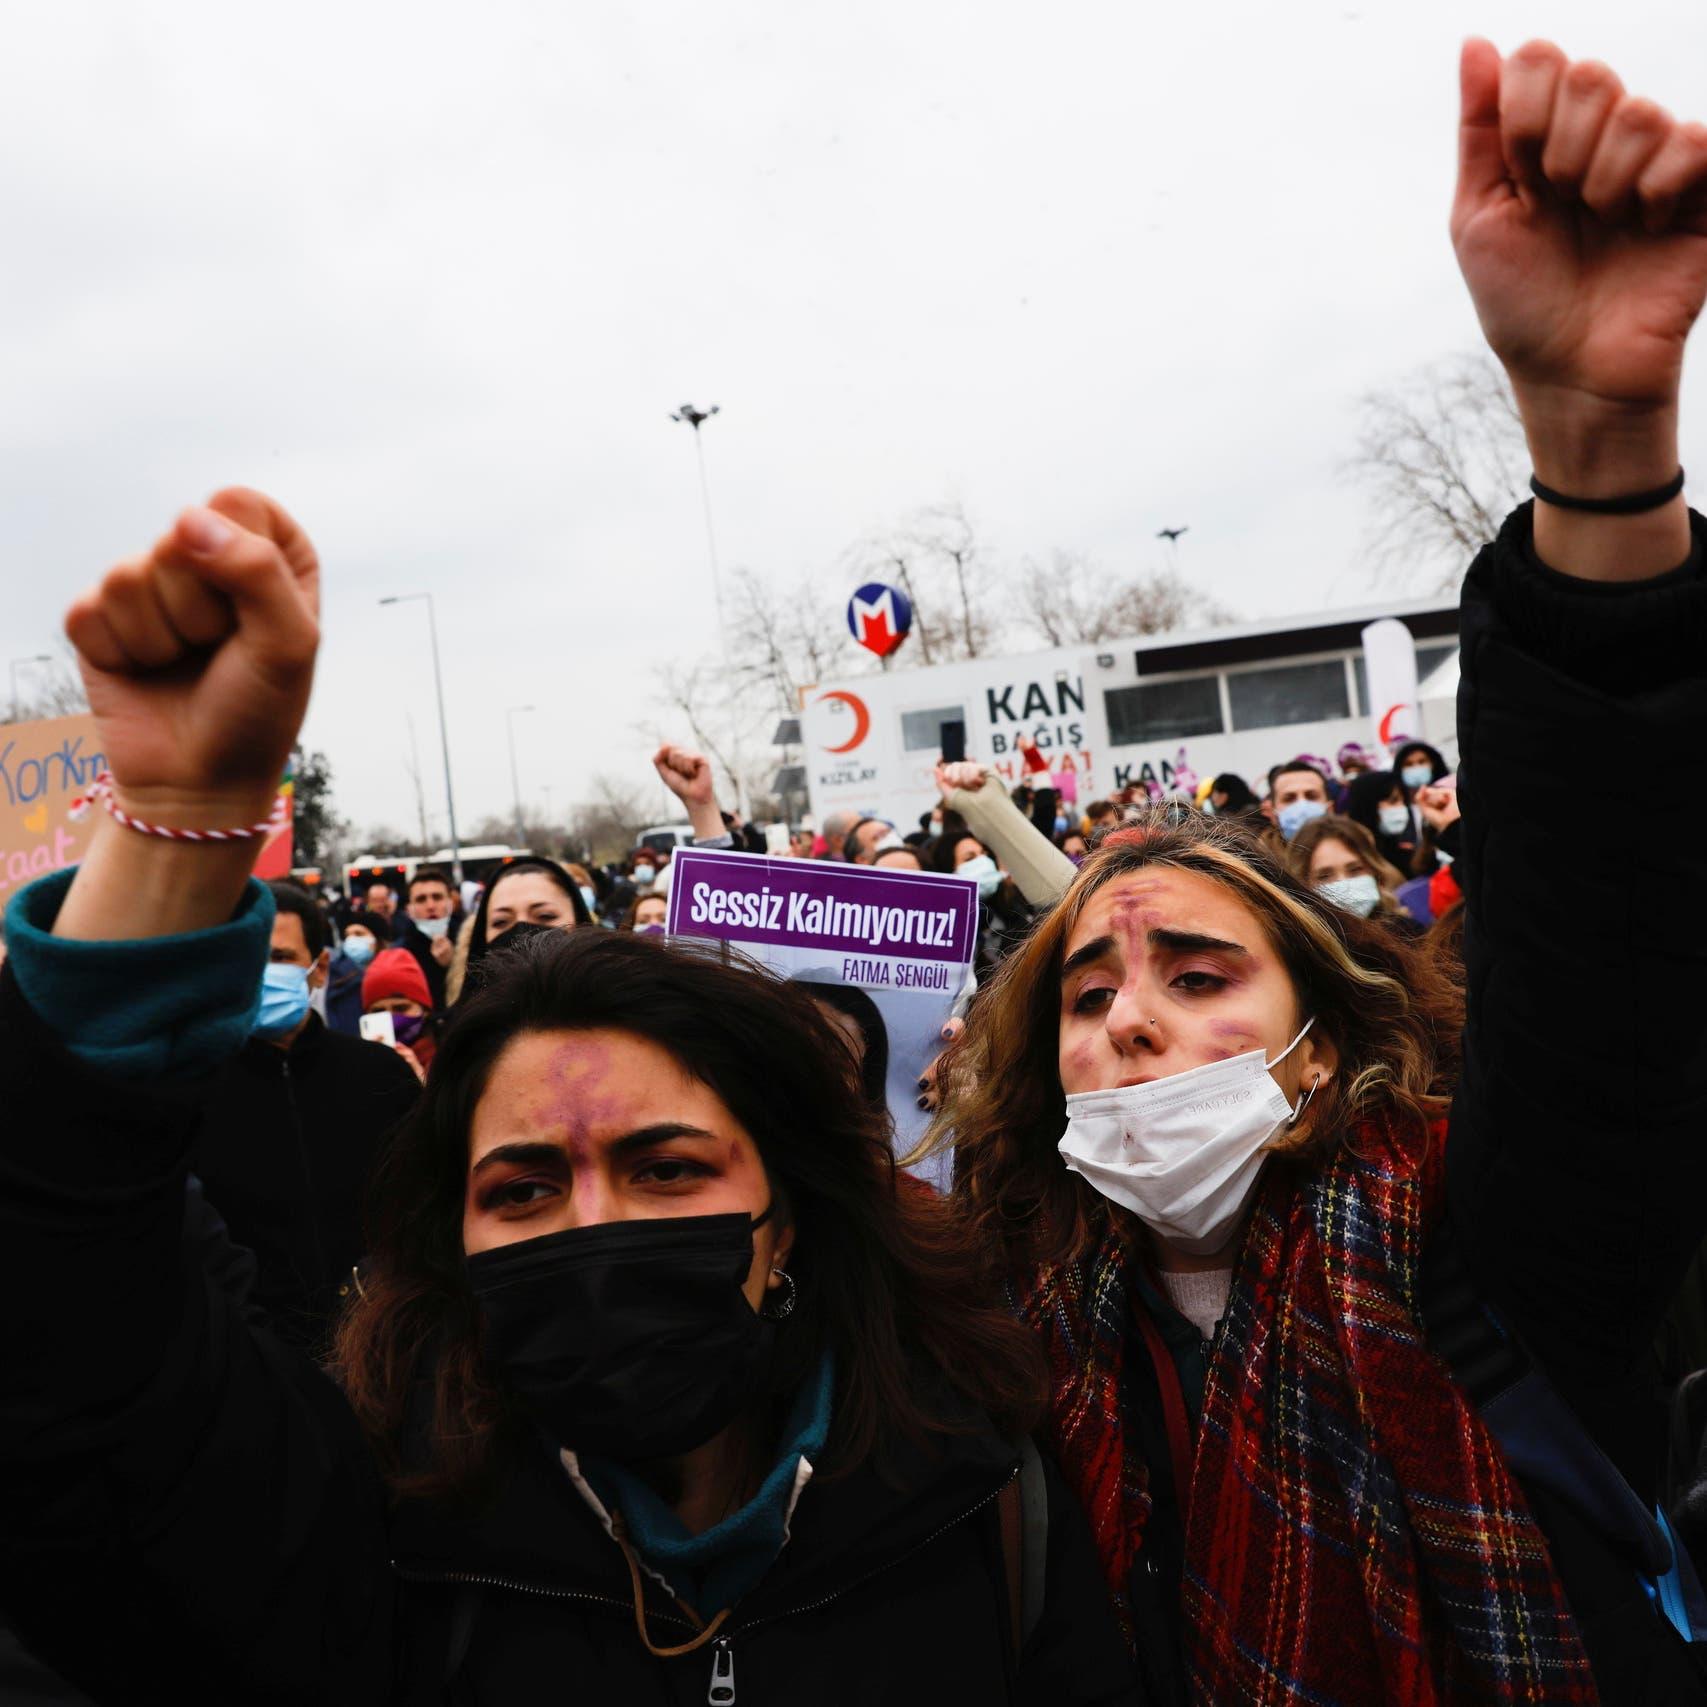 غضب ضد أردوغان .. وتنبيه من كارثة على ملايين النساء